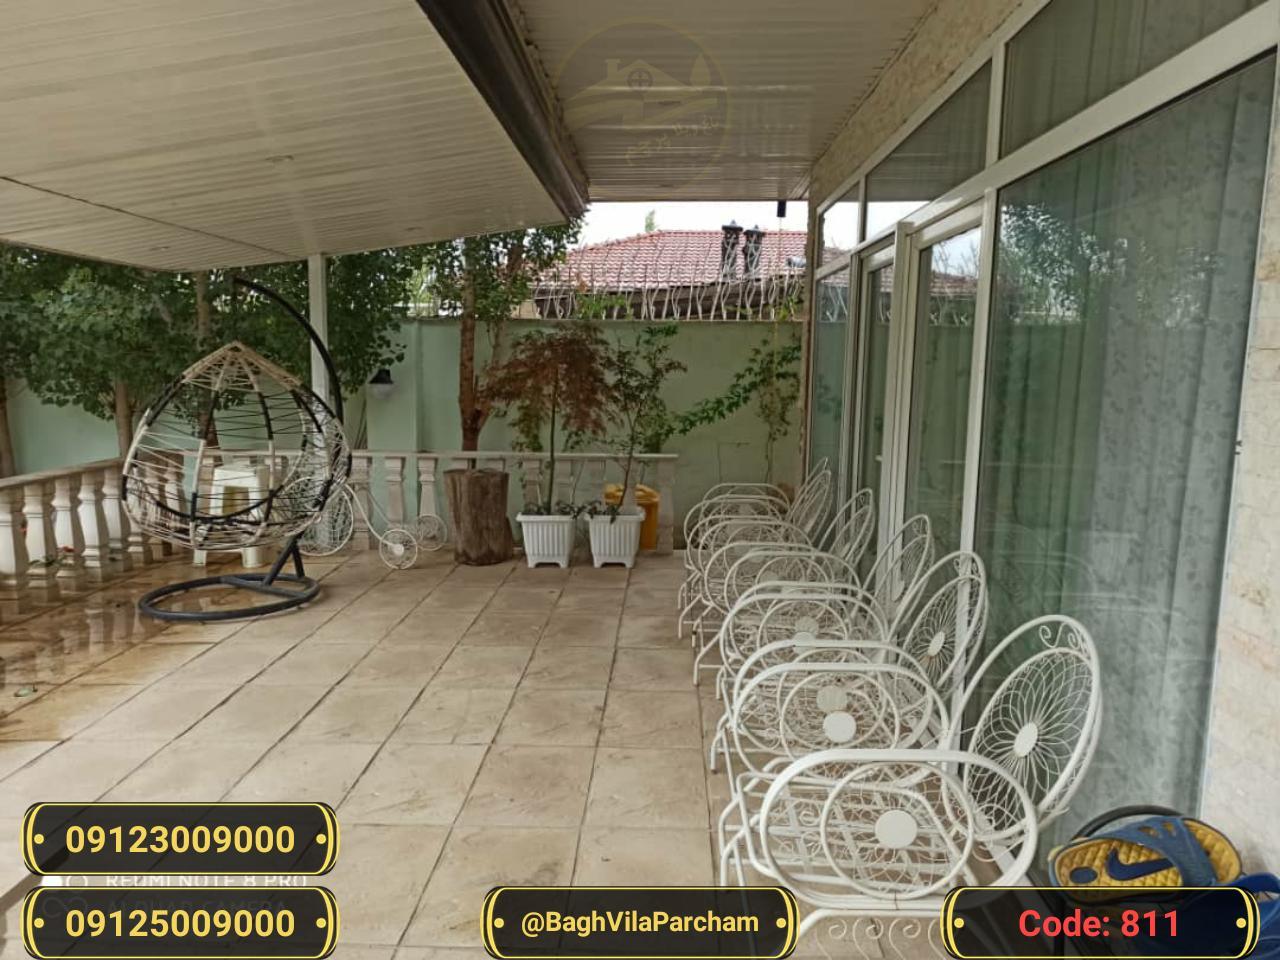 تصویر عکس باغ ویلا شماره 3 از ویلای ۸۰۰ متر ویلا Picture photo image 3 of ۸۰۰ متر ویلا